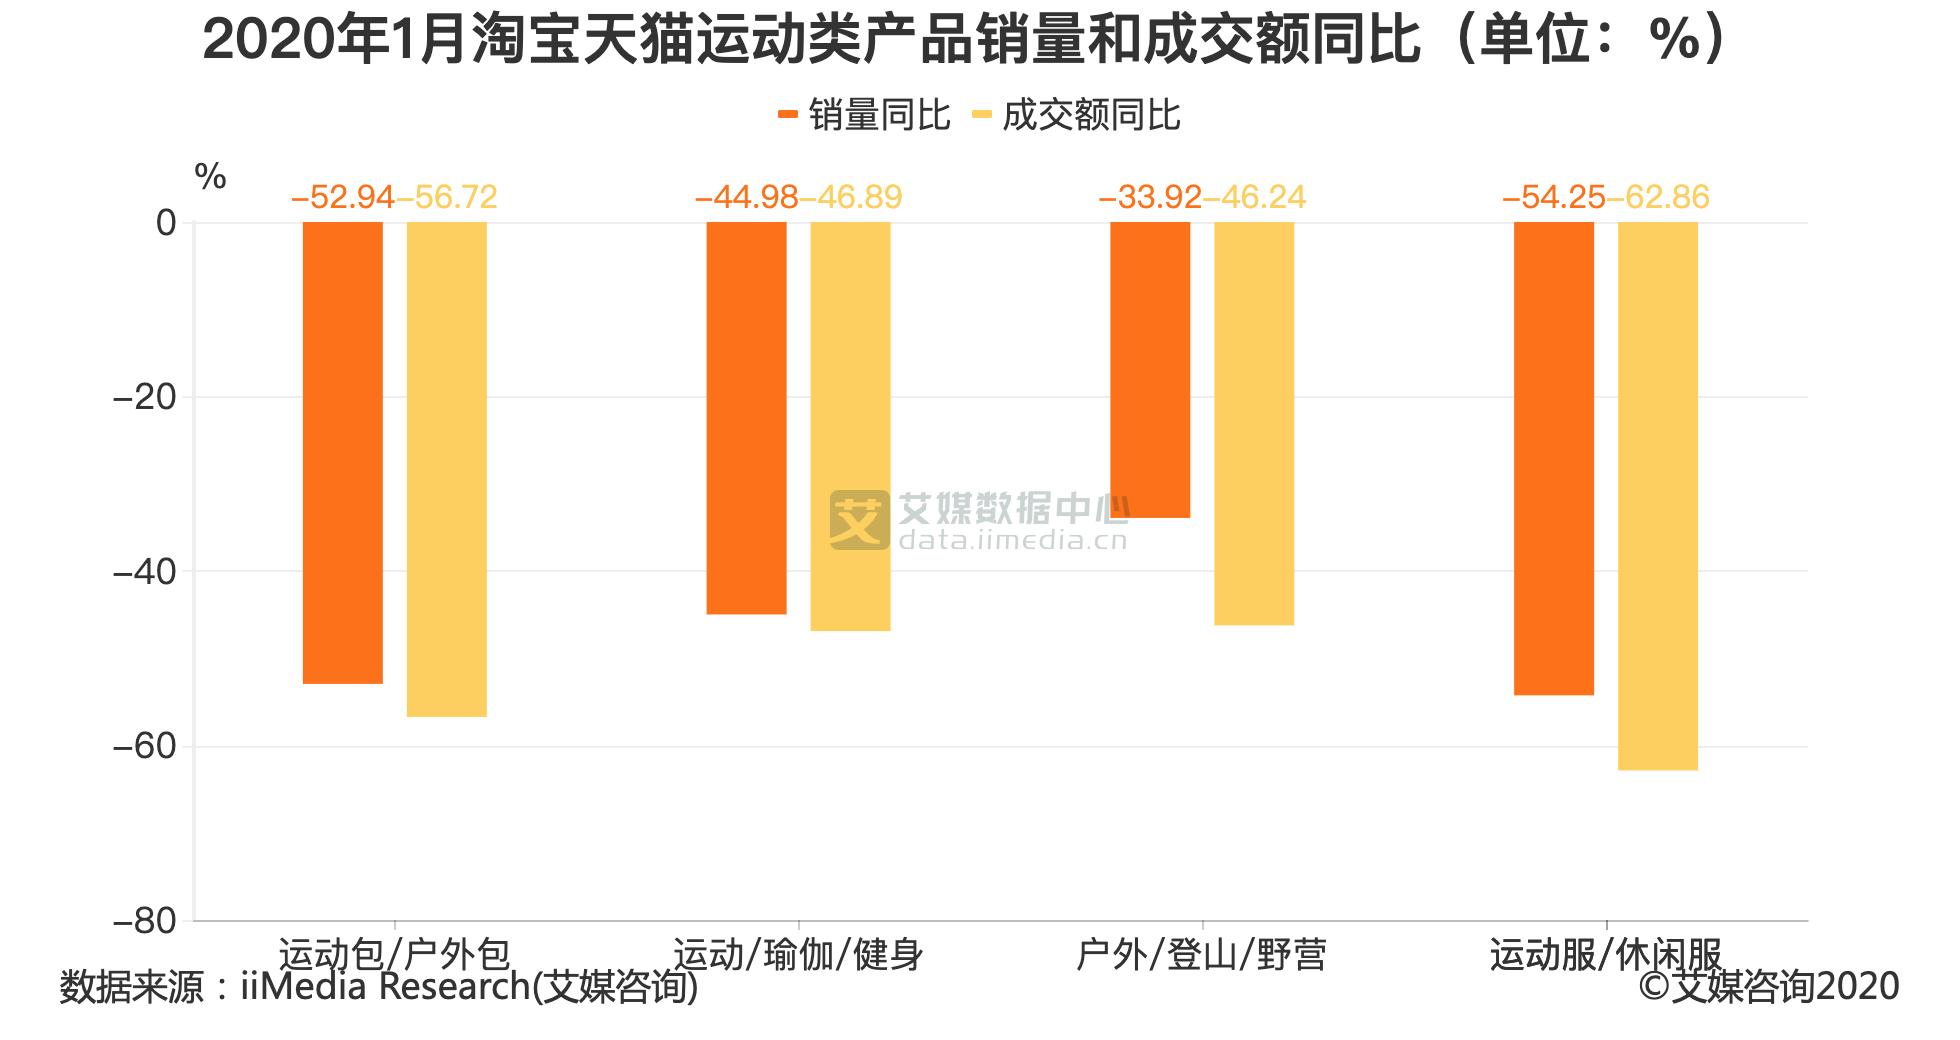 2020年1月淘宝天猫运动类产品销量和成交额同比(单位:%)